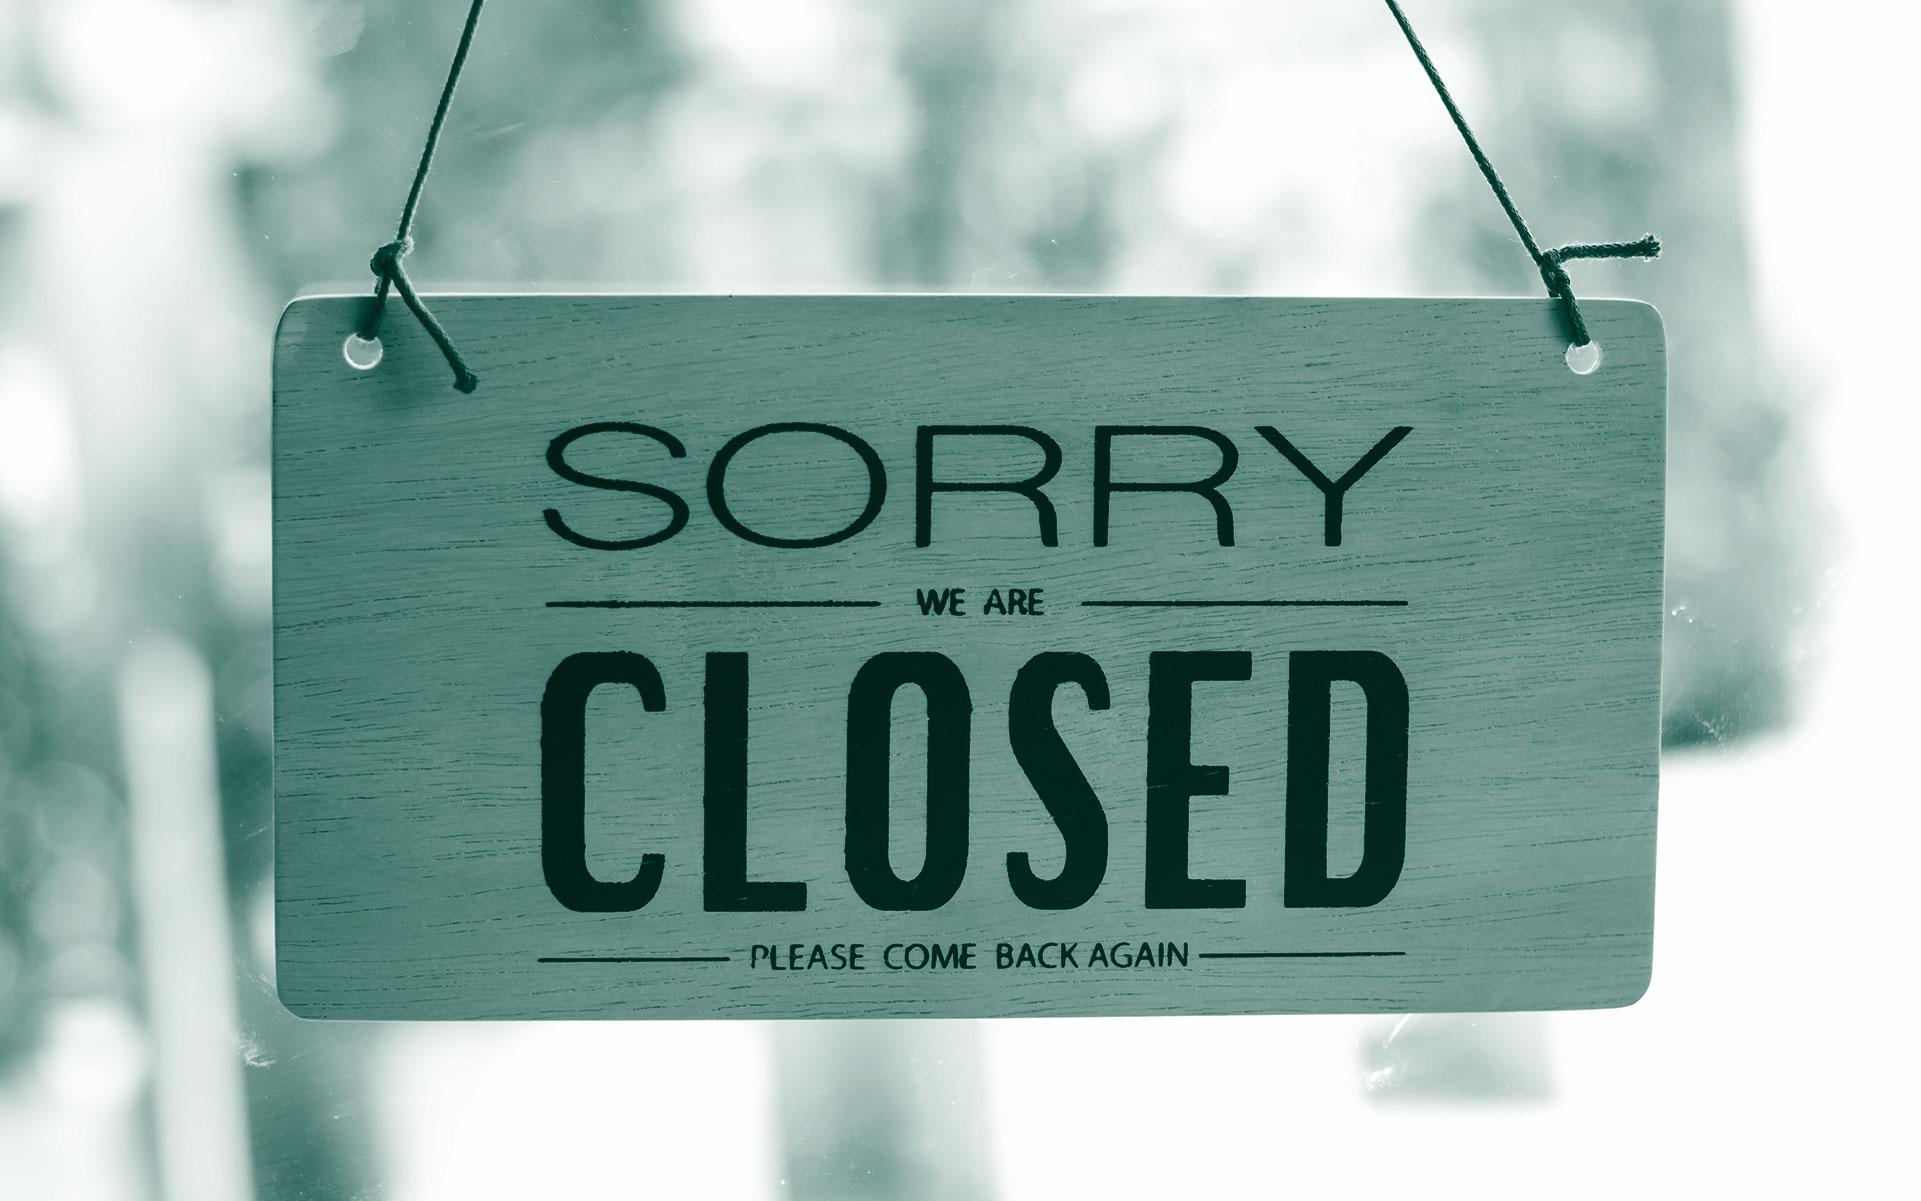 quarantine, coronavirus, covid-19 closures